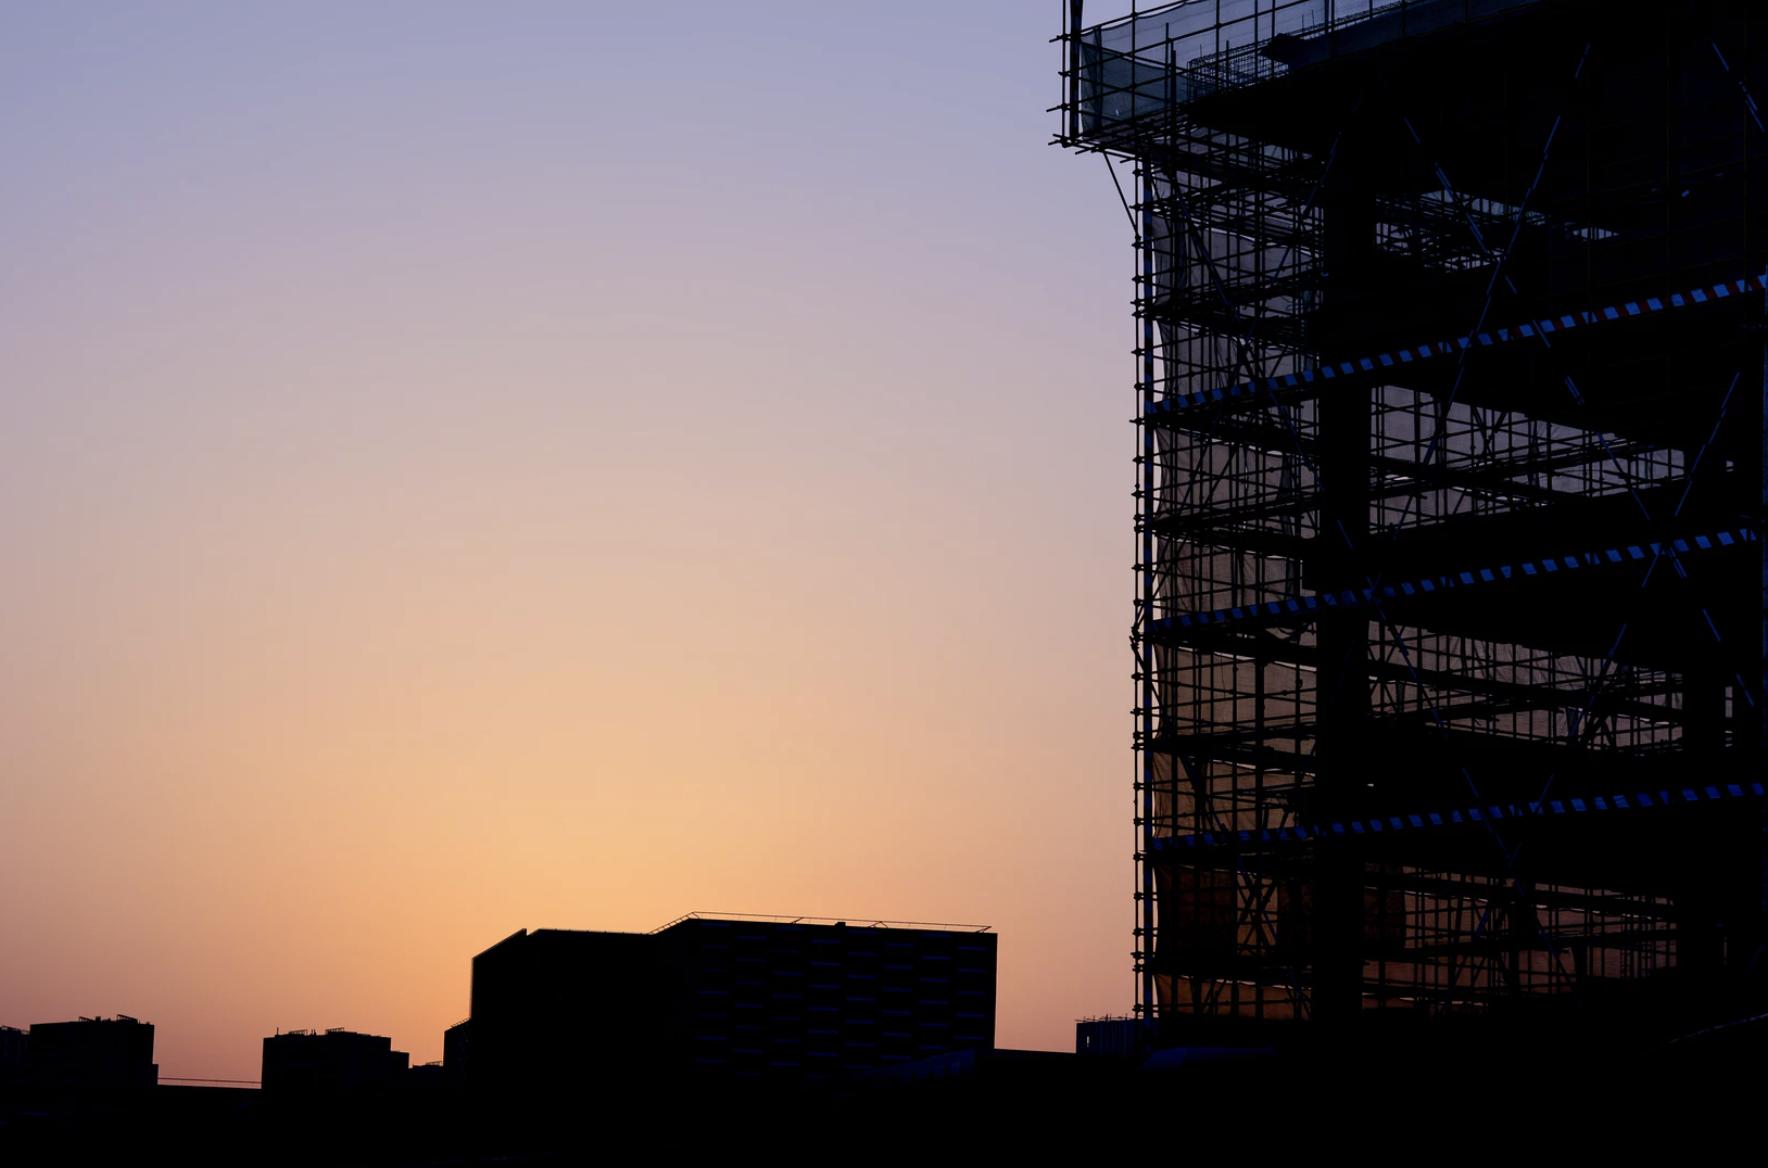 Liste der größten Bauunternehmen in Würzburg